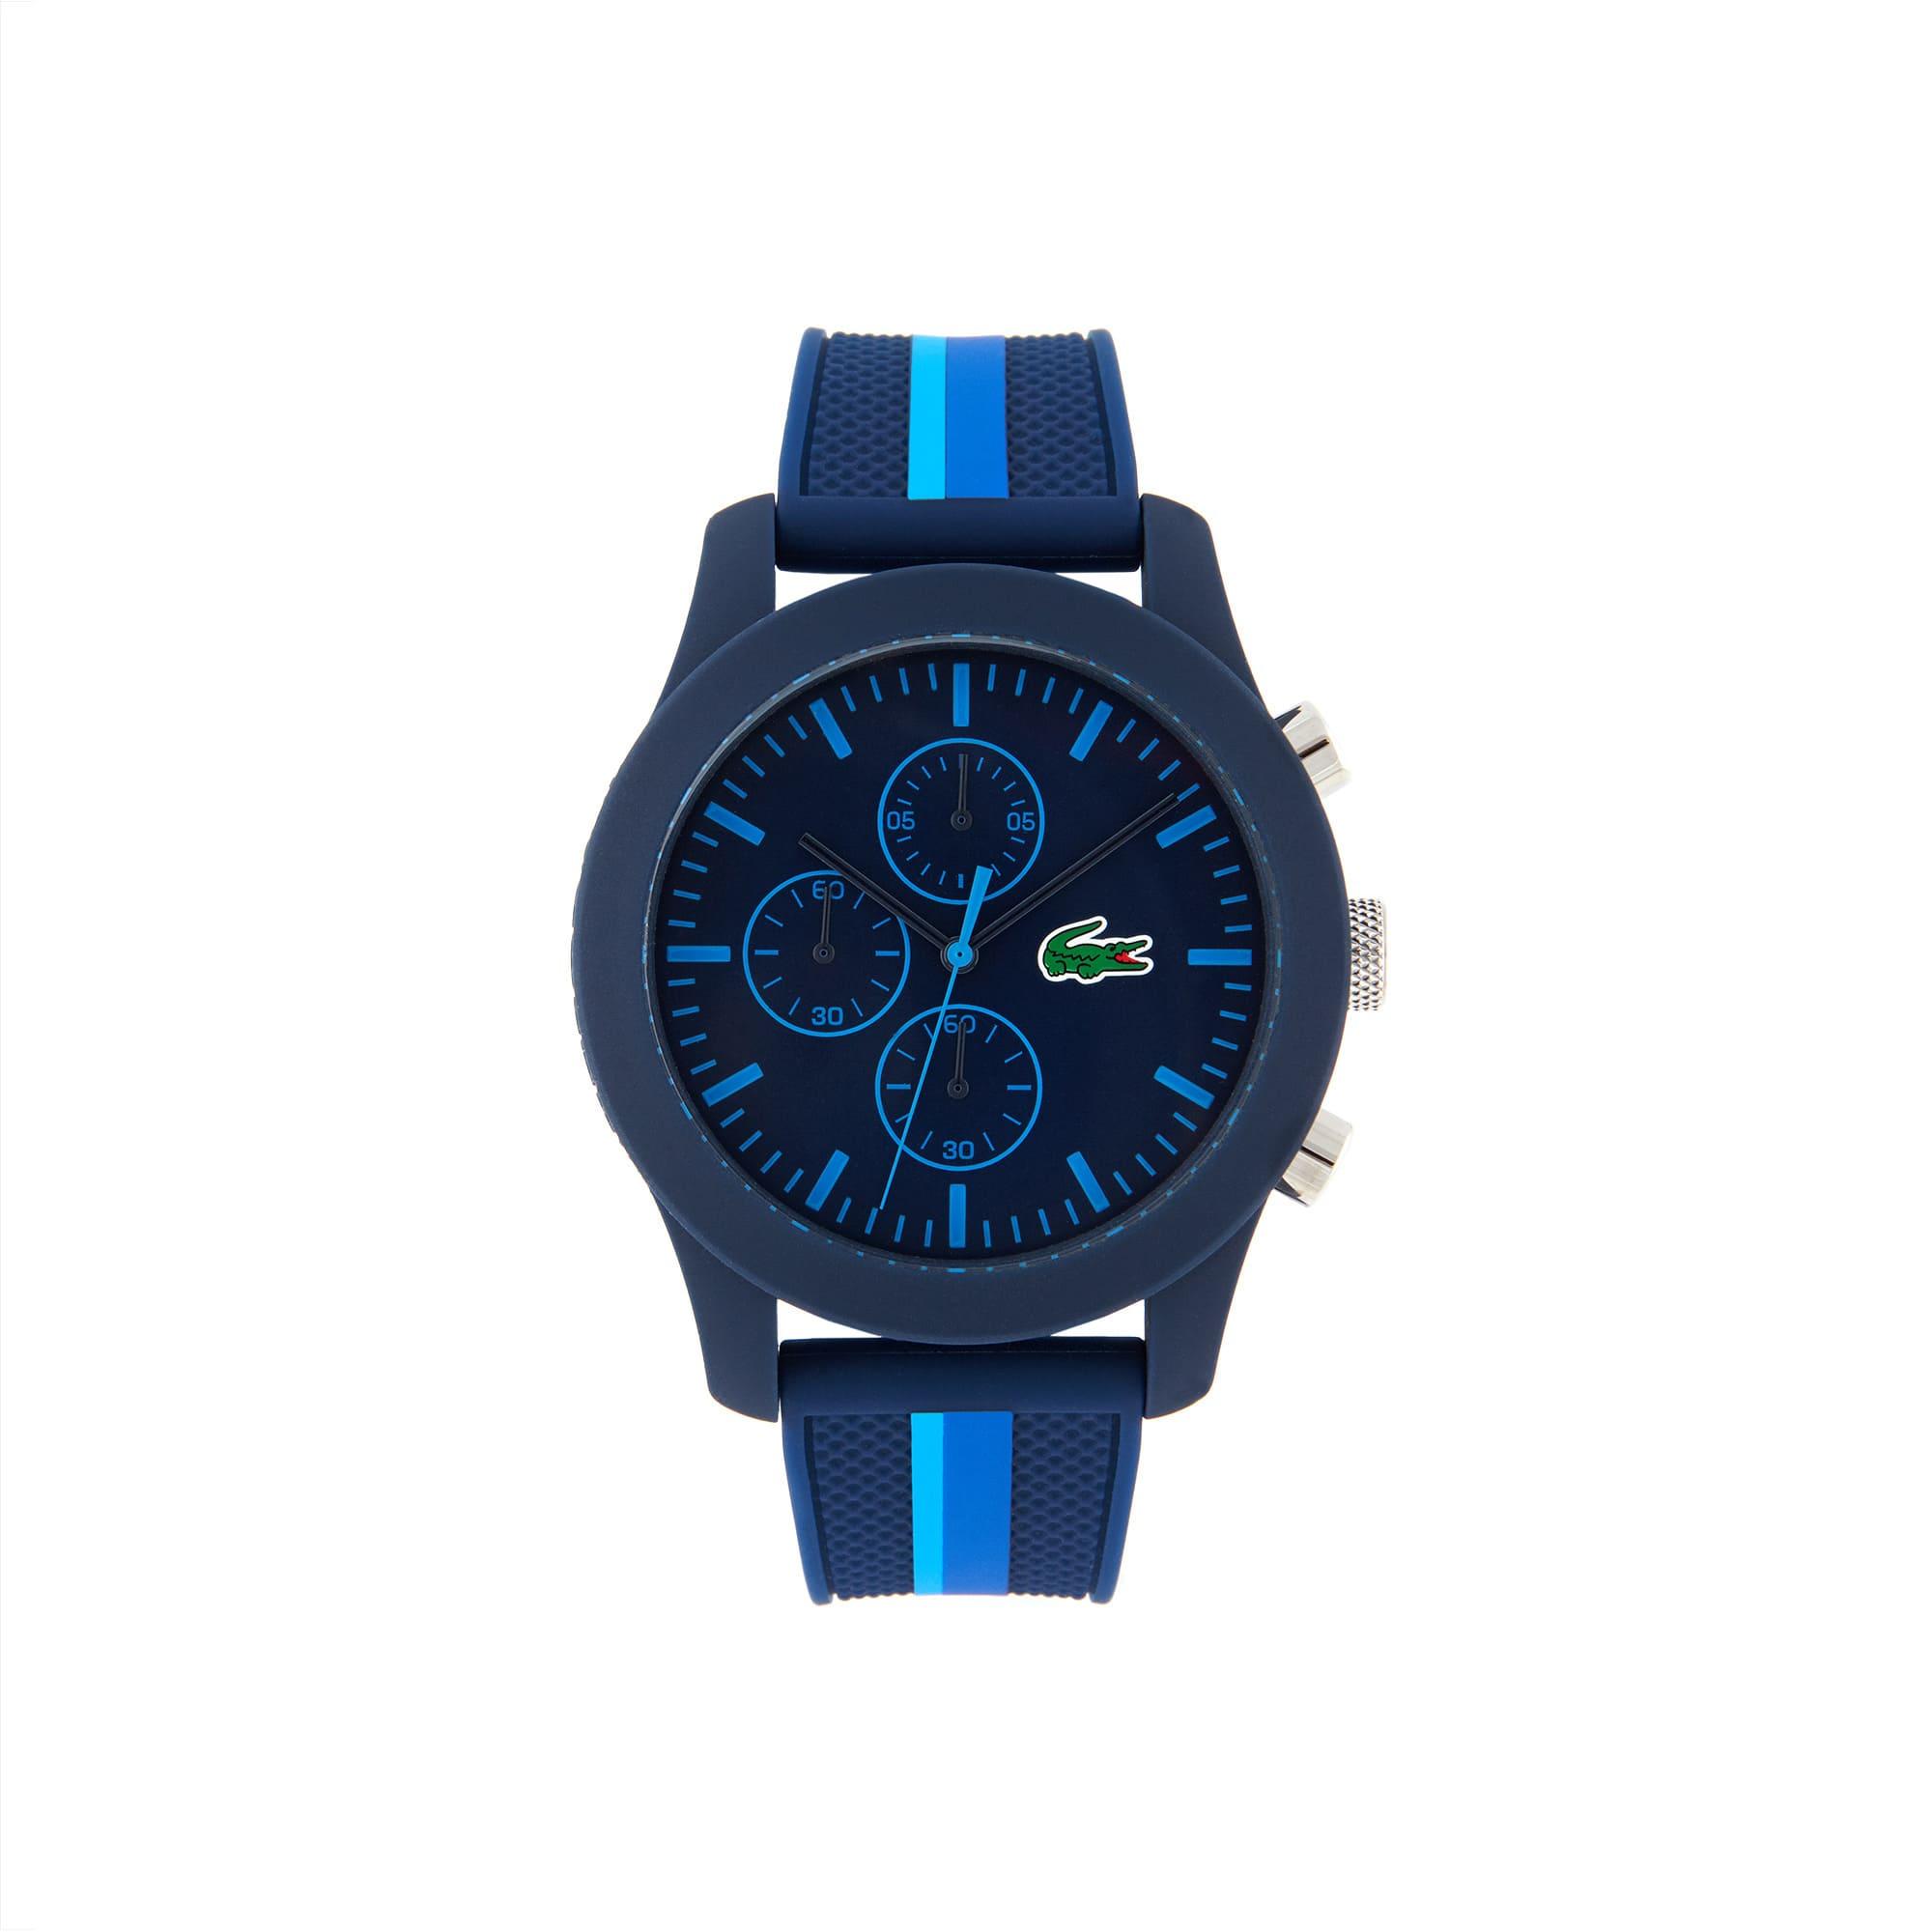 Orologio Lacoste 12.12 Holiday Uomo con Cinturino in Silicone Blu